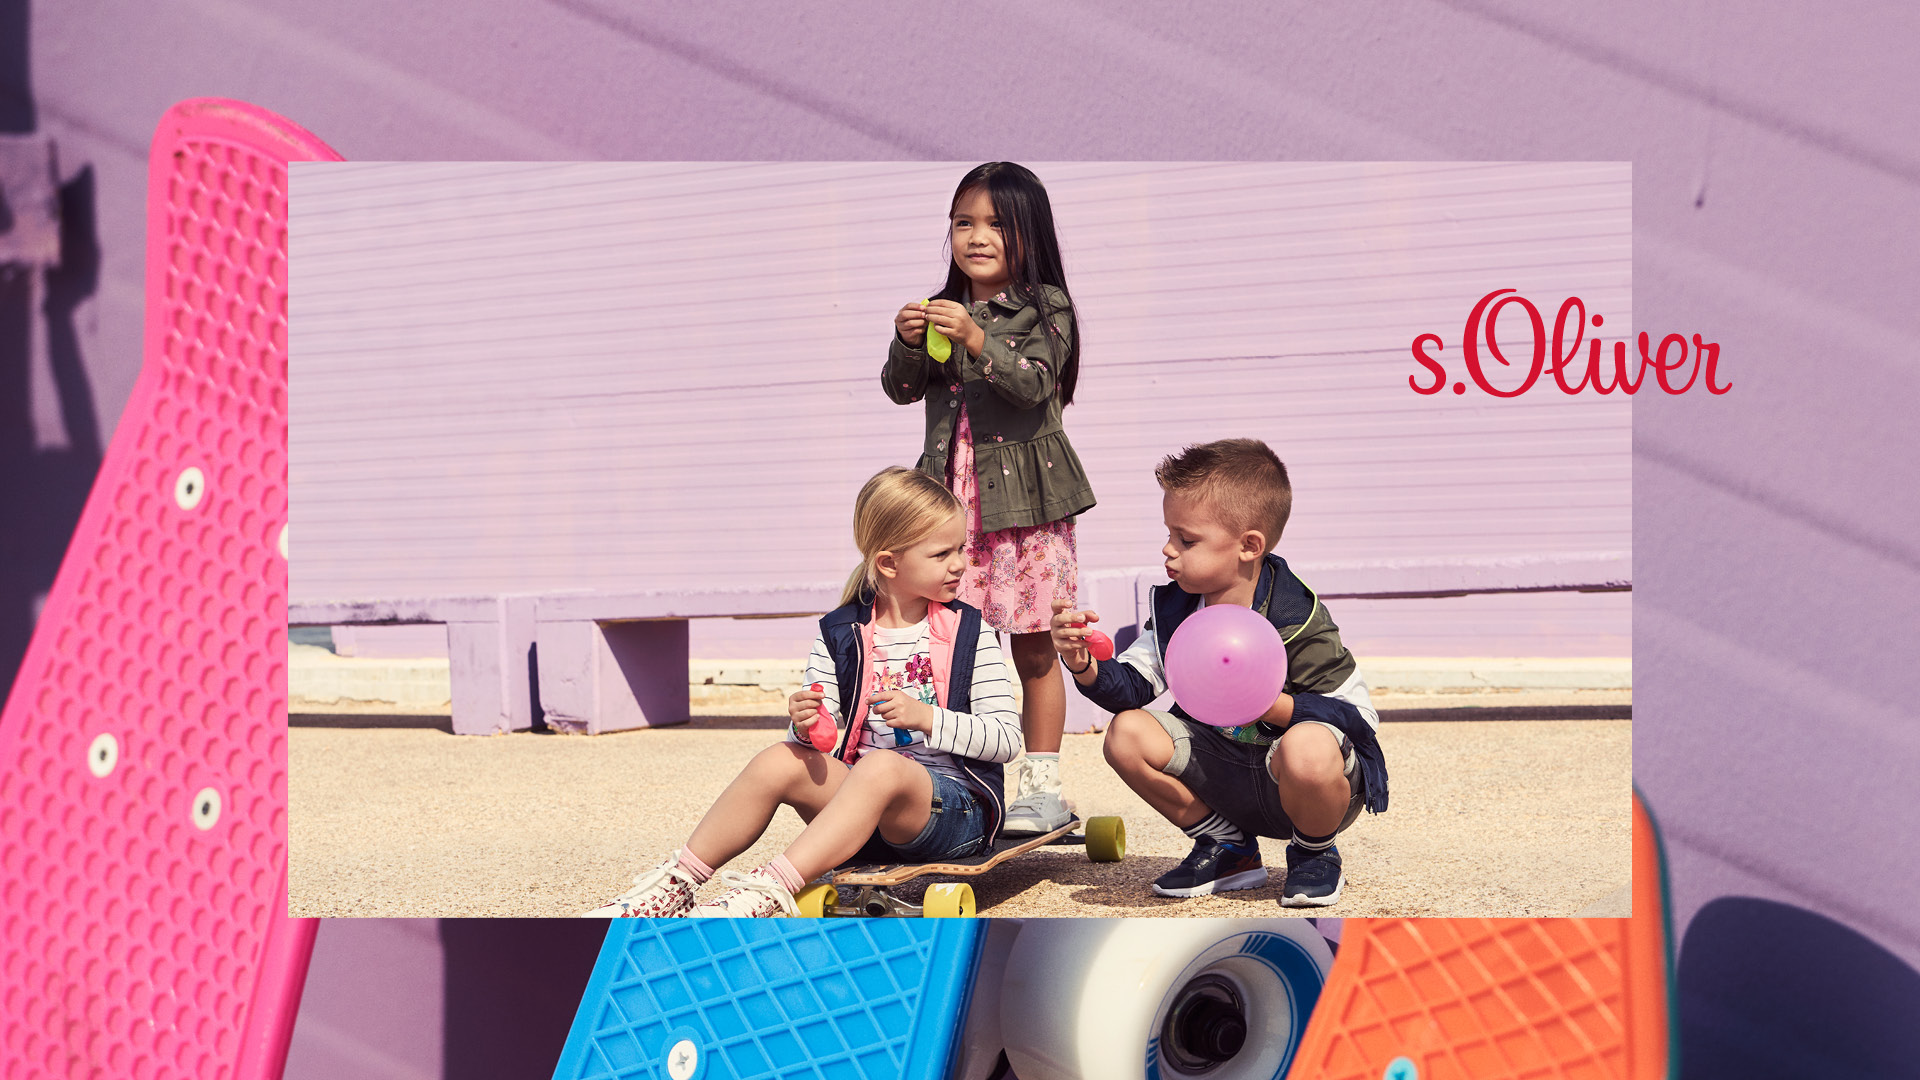 sOliver_spring_summer_2020_original_Imageteaser_RL_SS2020_001-003_1920x1080px_215